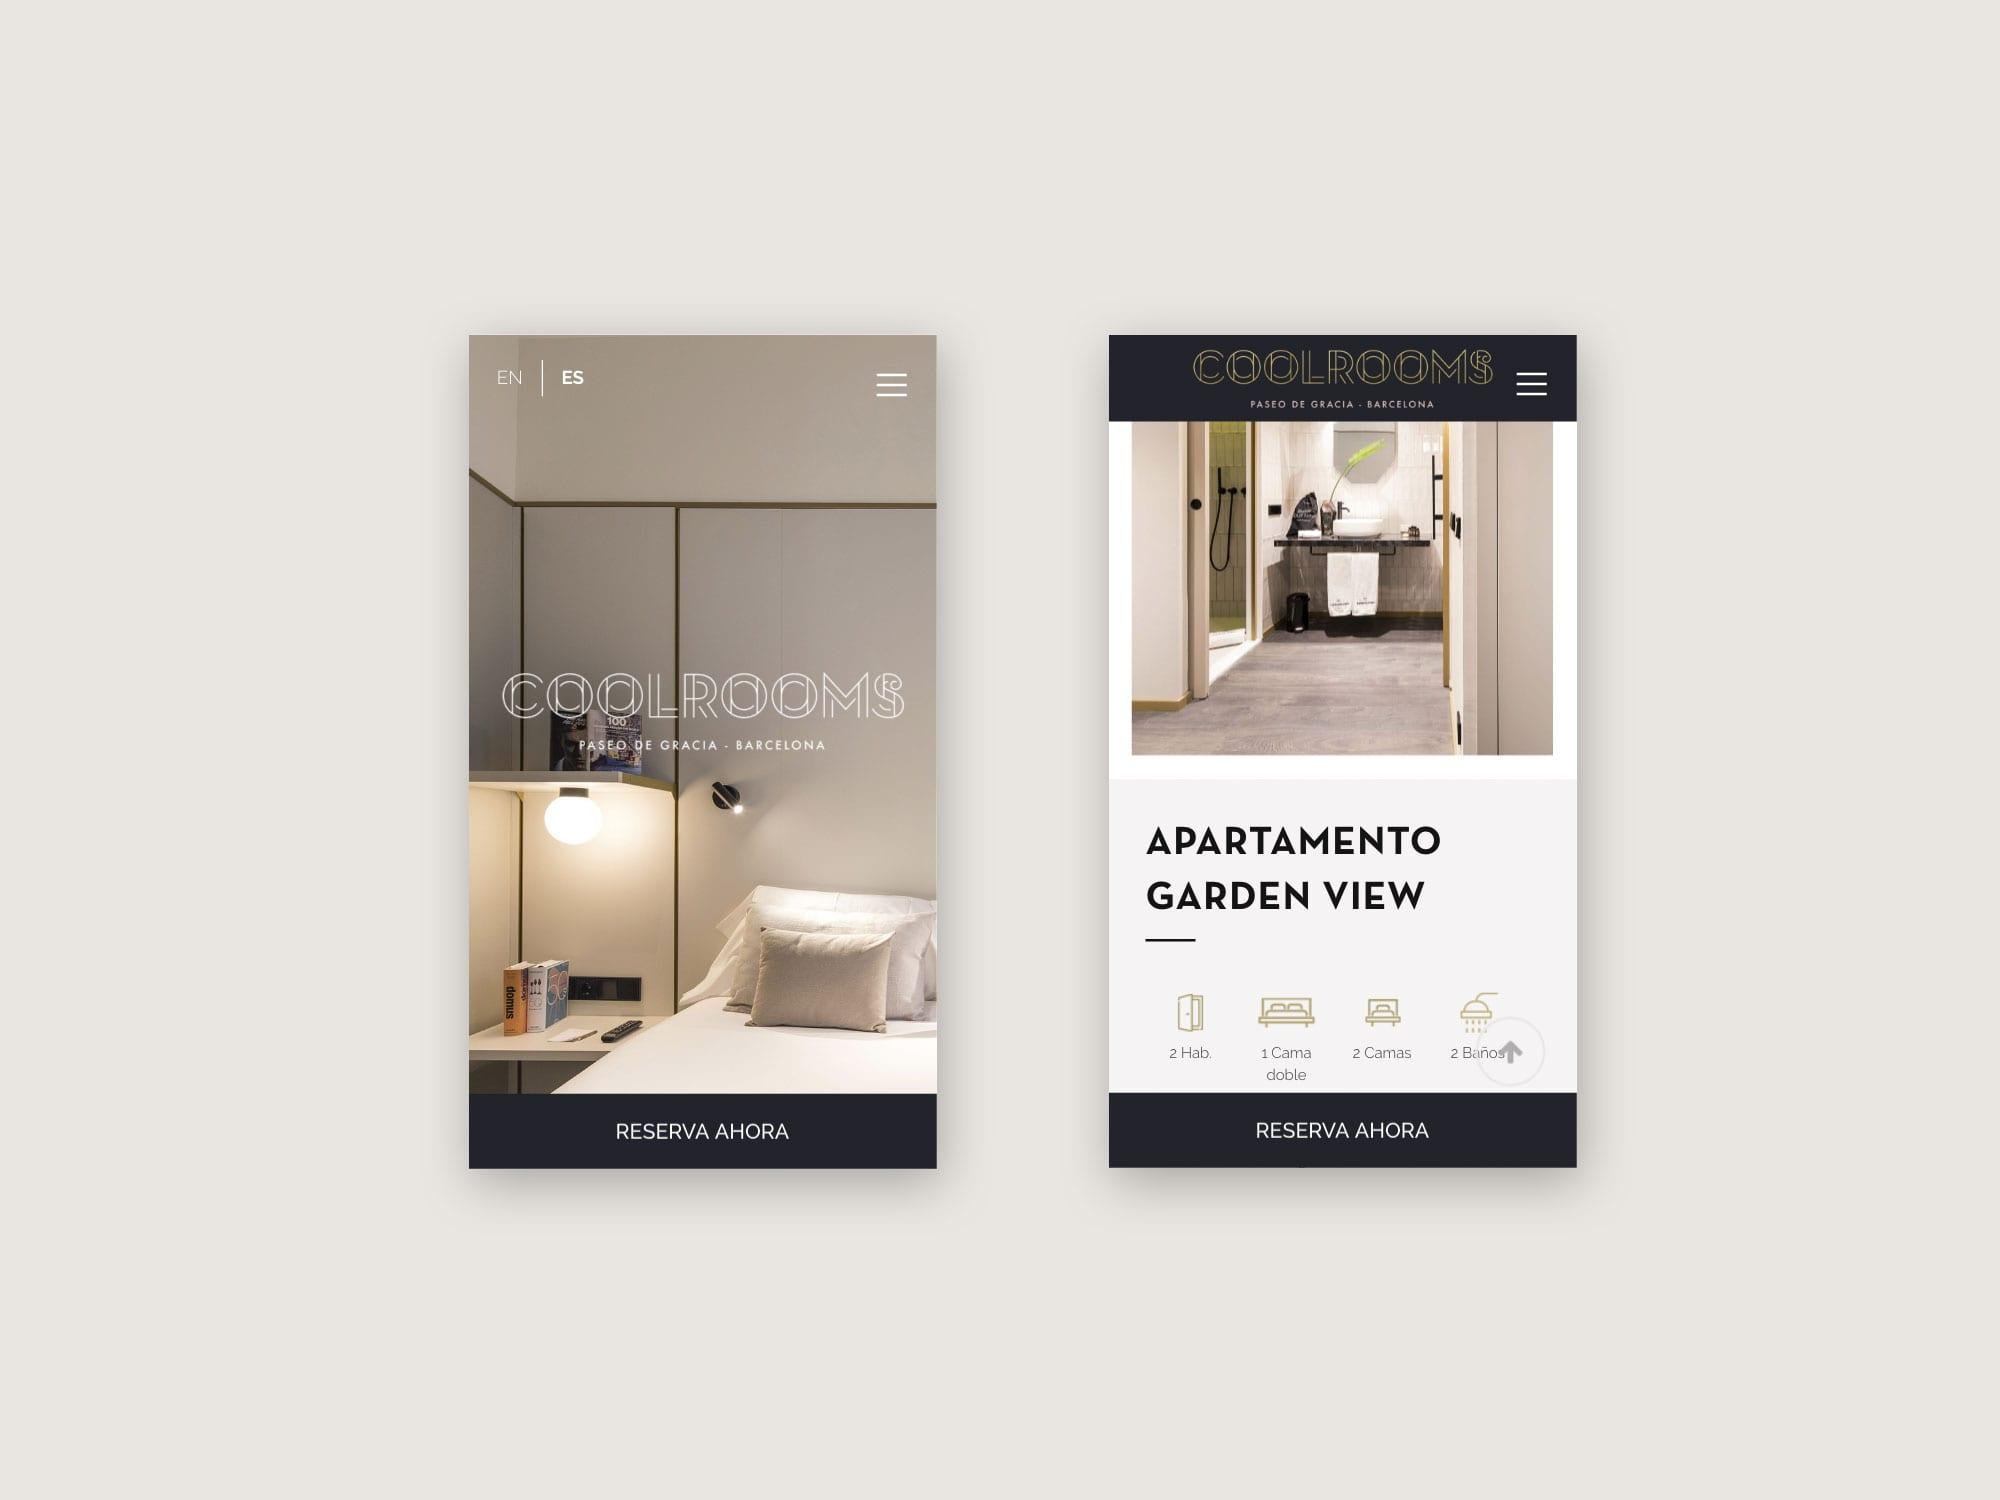 Diseño web mobile Coolrooms Paseo de Gracia